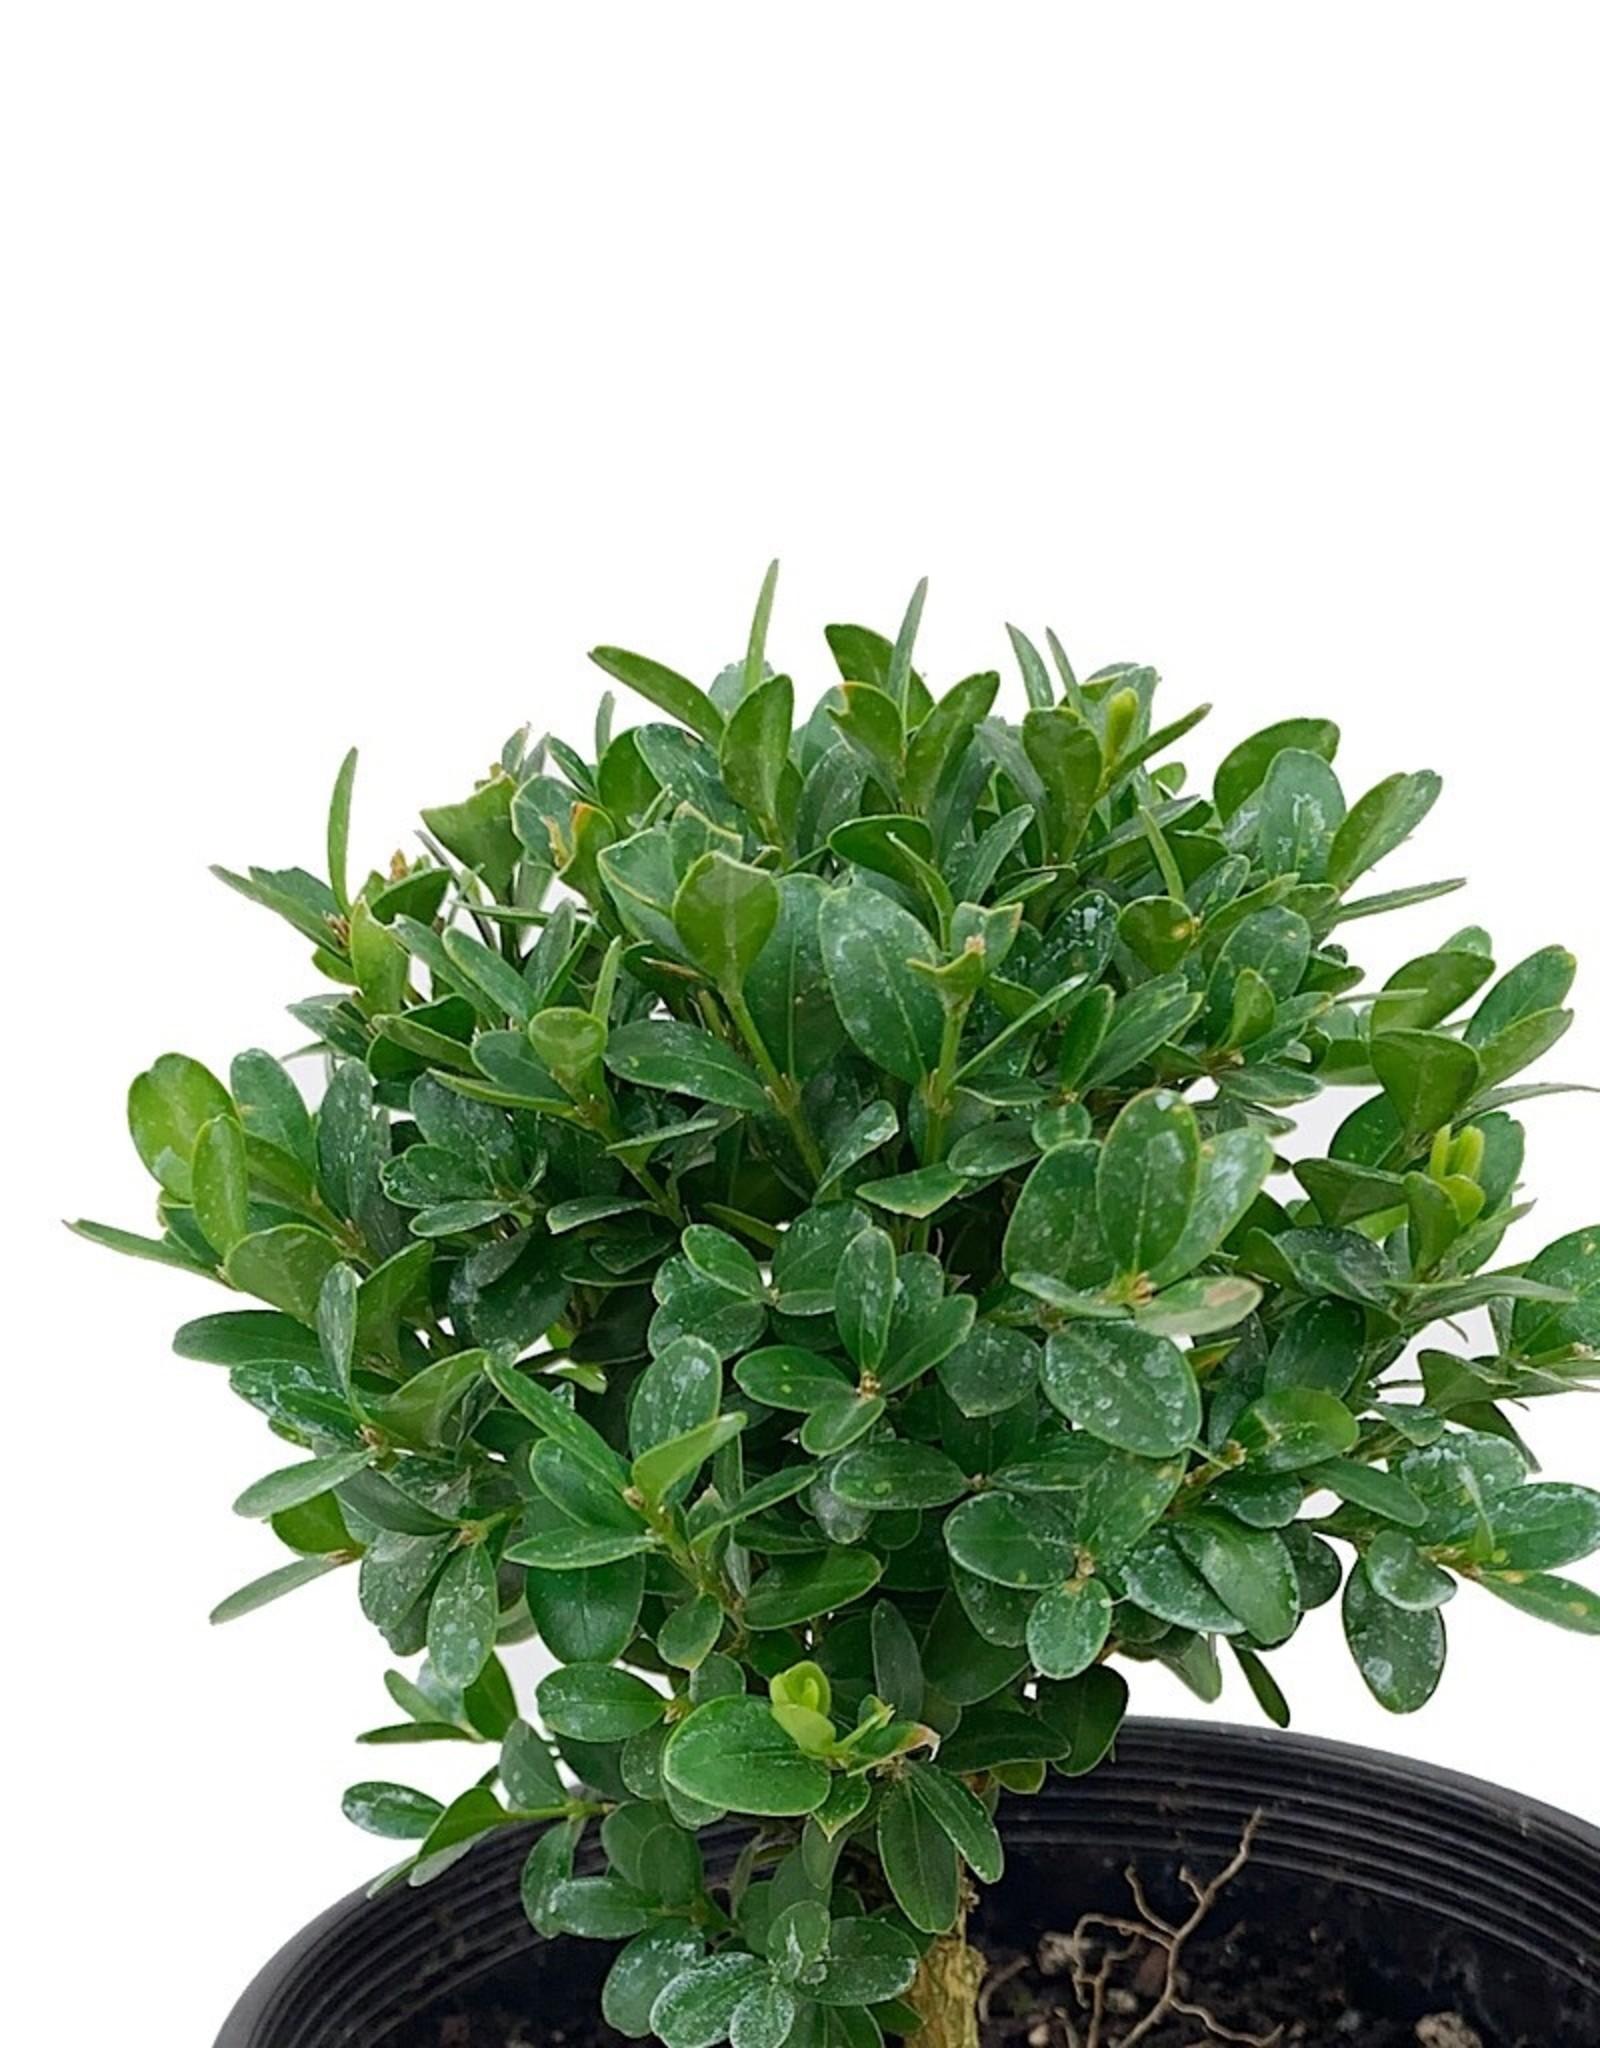 Buxus s. 'Suffruticosa' - 6 Inch